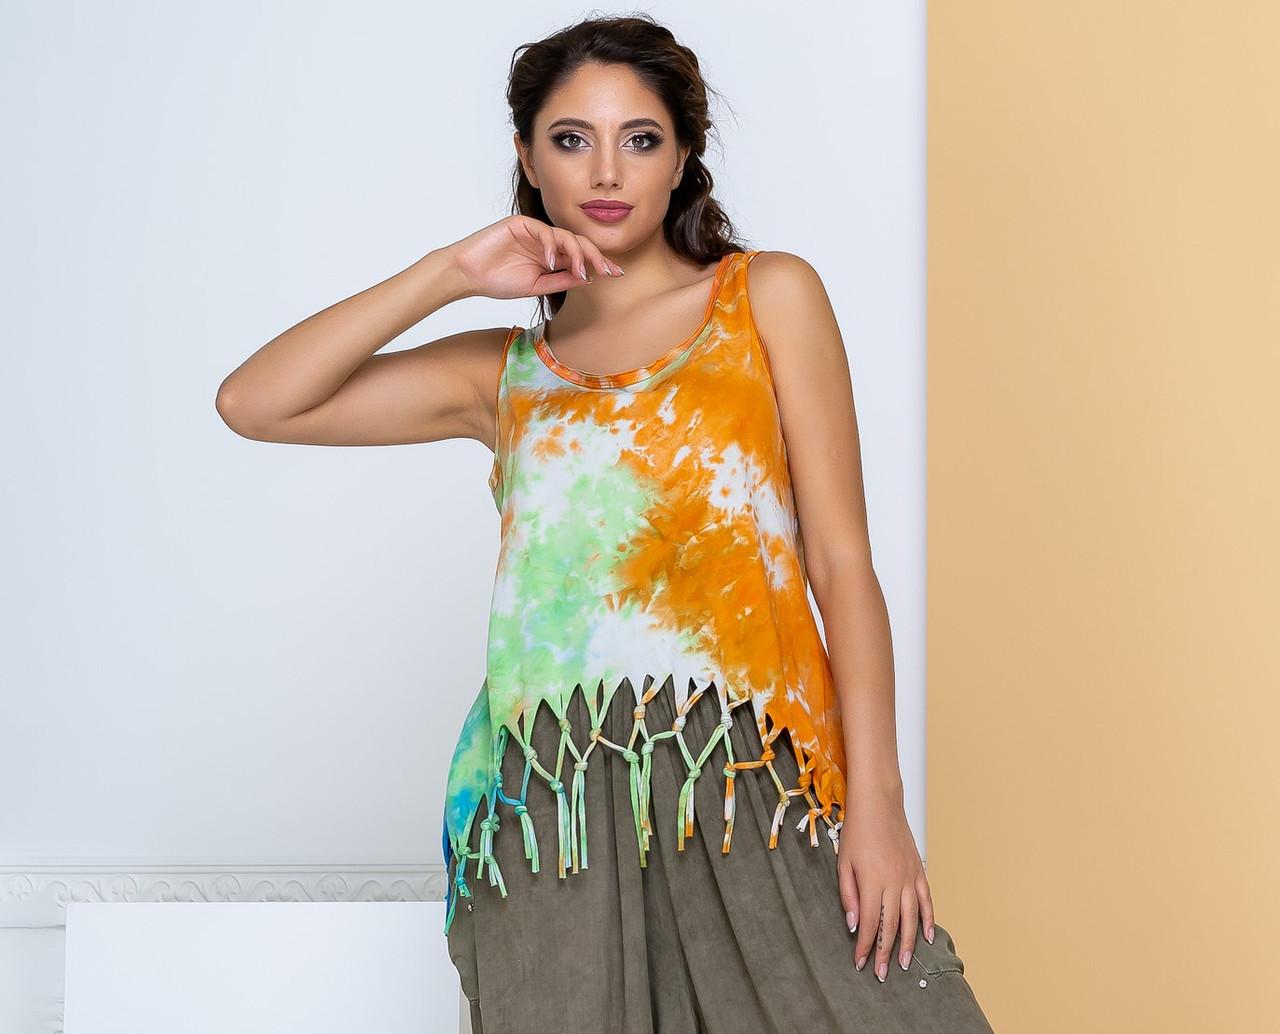 Женская футболка с вырезами,рисунком крылья на спине.,бахрома.